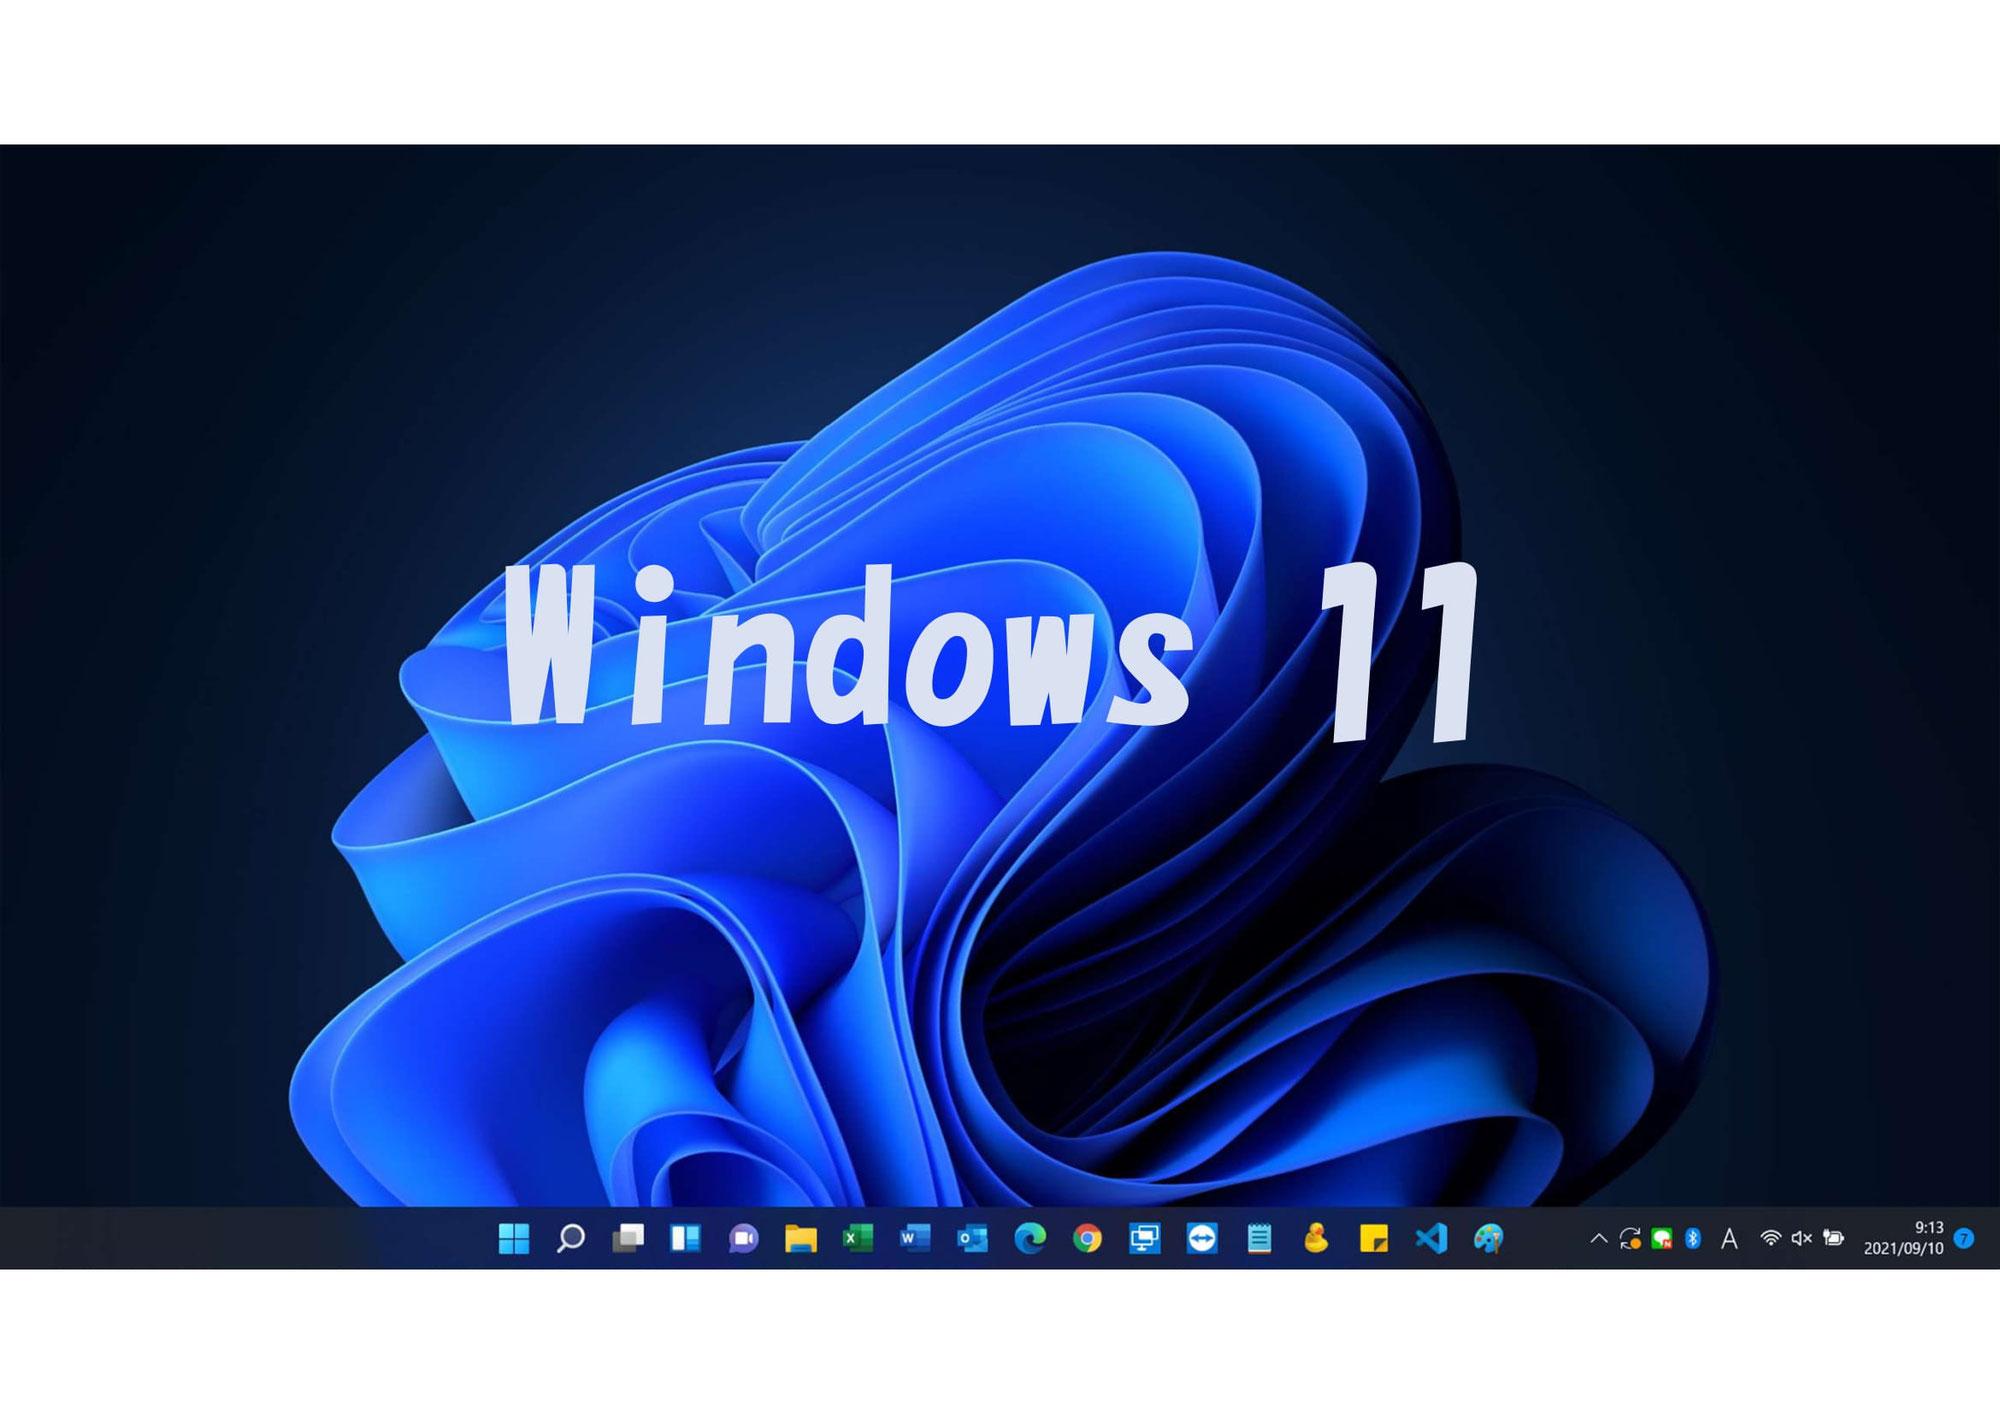 【Windows11】Windows11をインストールしてみた感想。